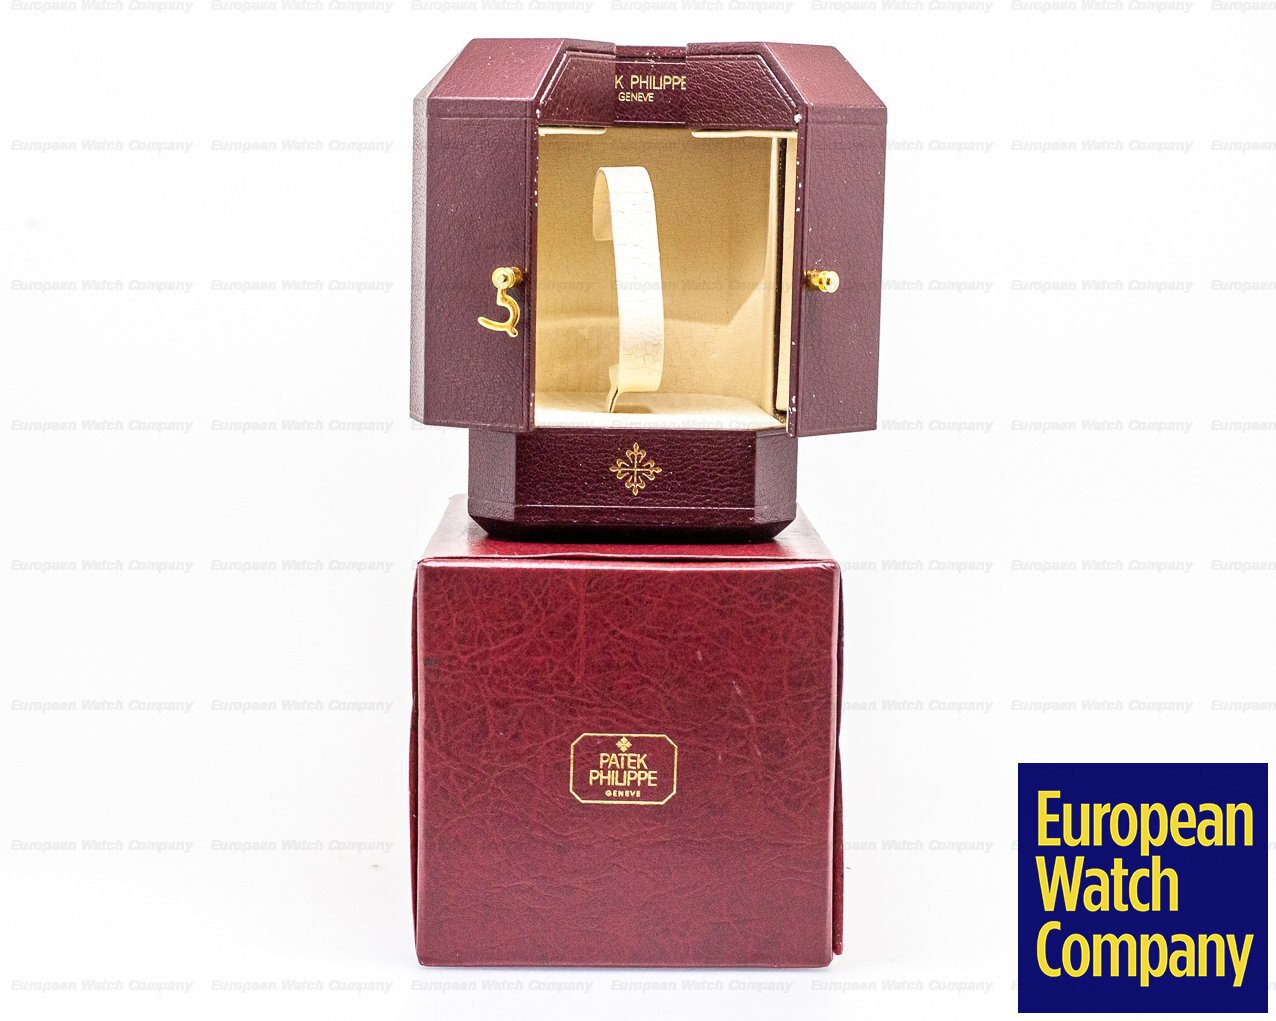 Patek Philippe 3960J Calatrava '150th Anniversary' 18K Yellow Gold